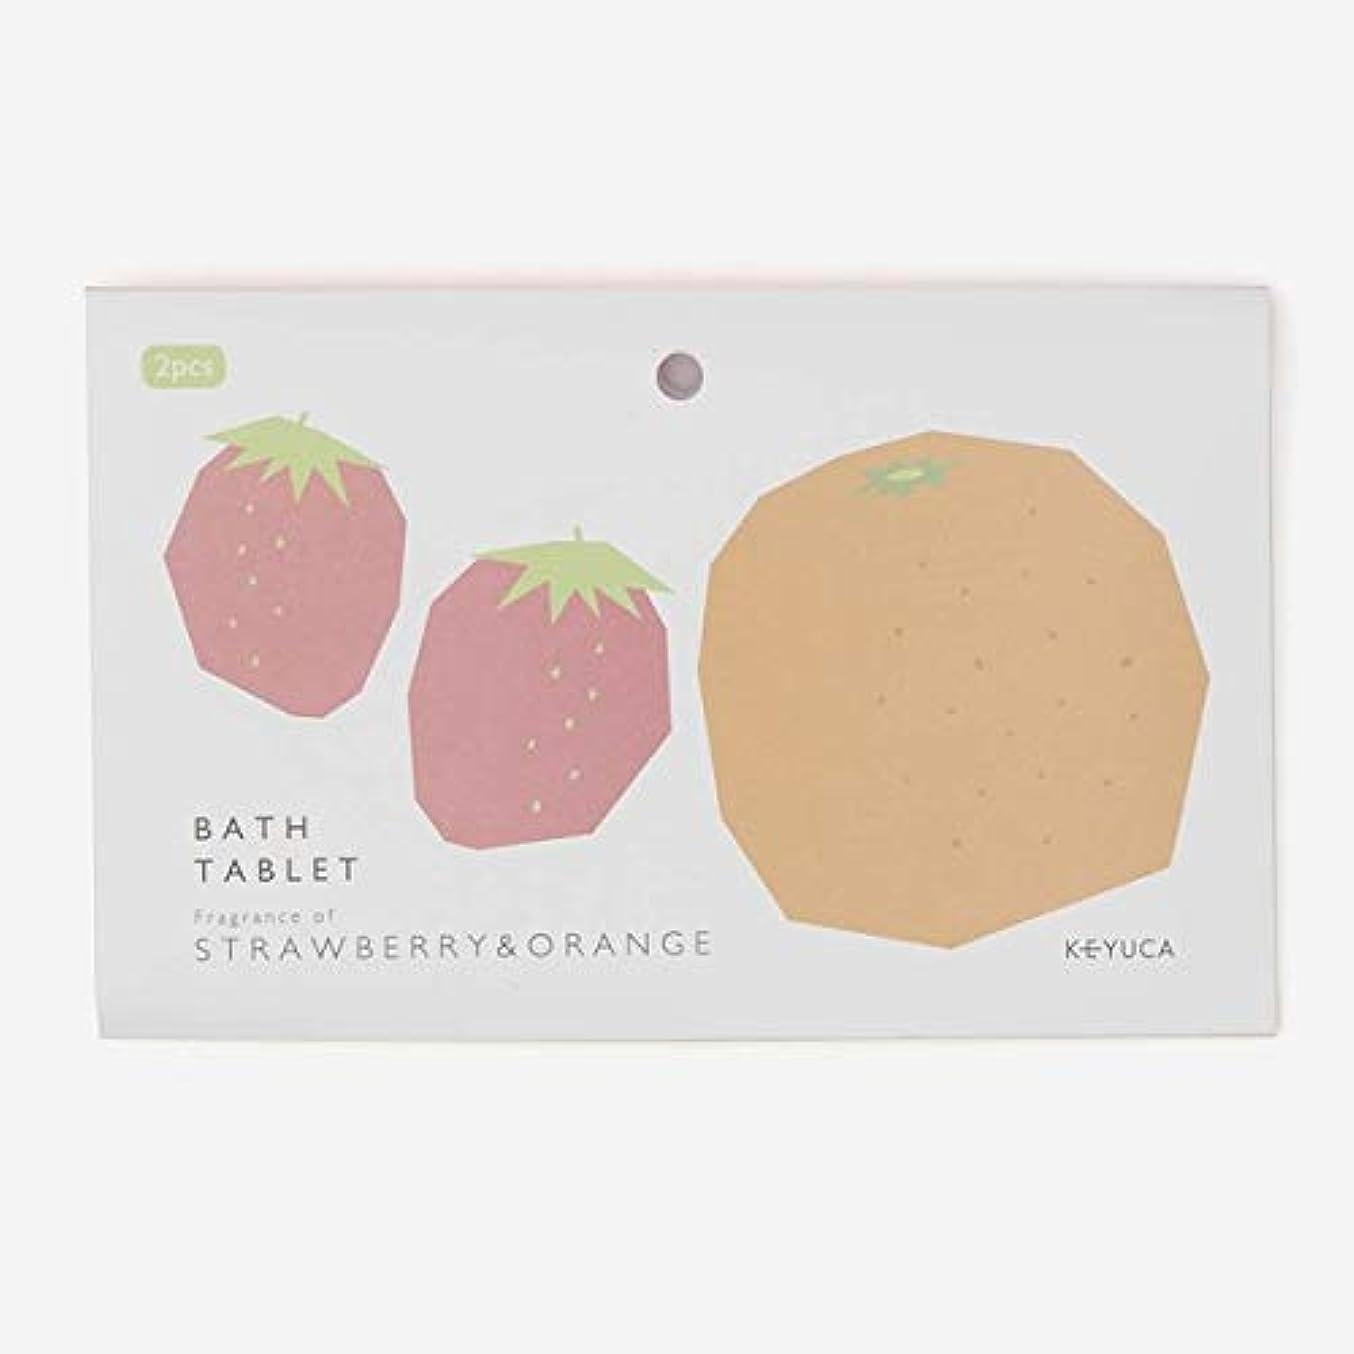 矢超越するリスクKEYUCA(ケユカ) バスタブレット 2個入 ストロベリー&オレンジ